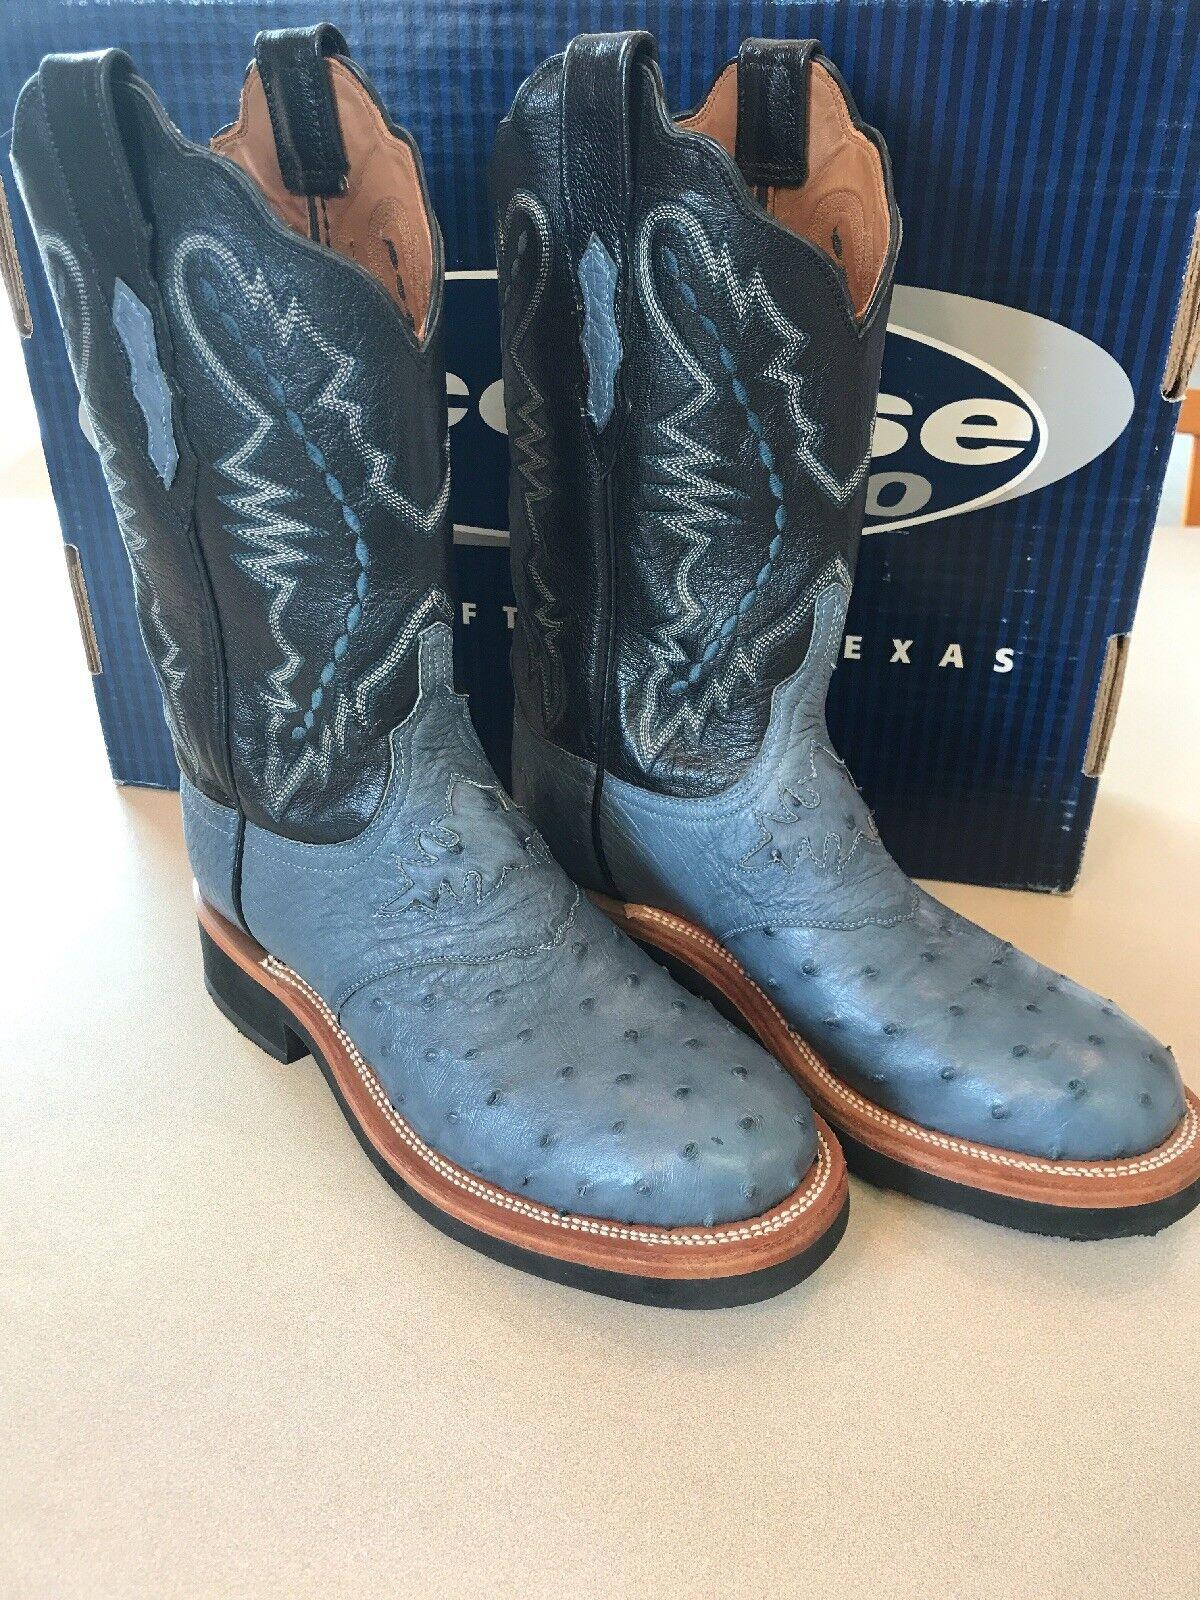 NWOT LUCCHESE damen Blau Blau Blau 8 1 2 cowgirl Stiefel, crêpe soul c3f014